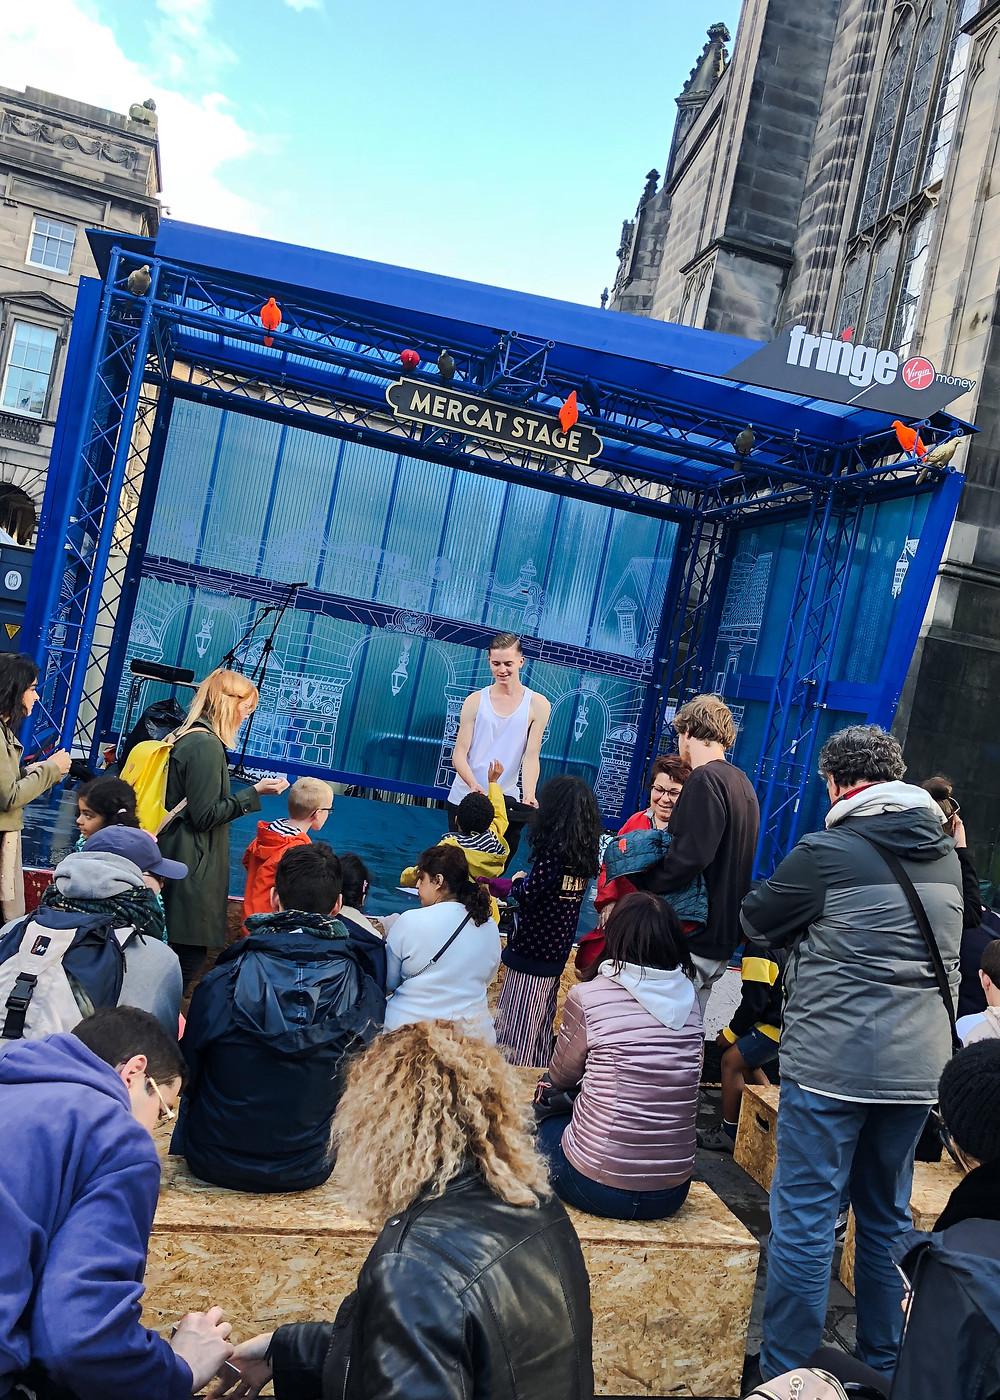 演出過後,觀眾紛紛以實際行動支持街頭藝人。Yu Chin Ho Brian攝